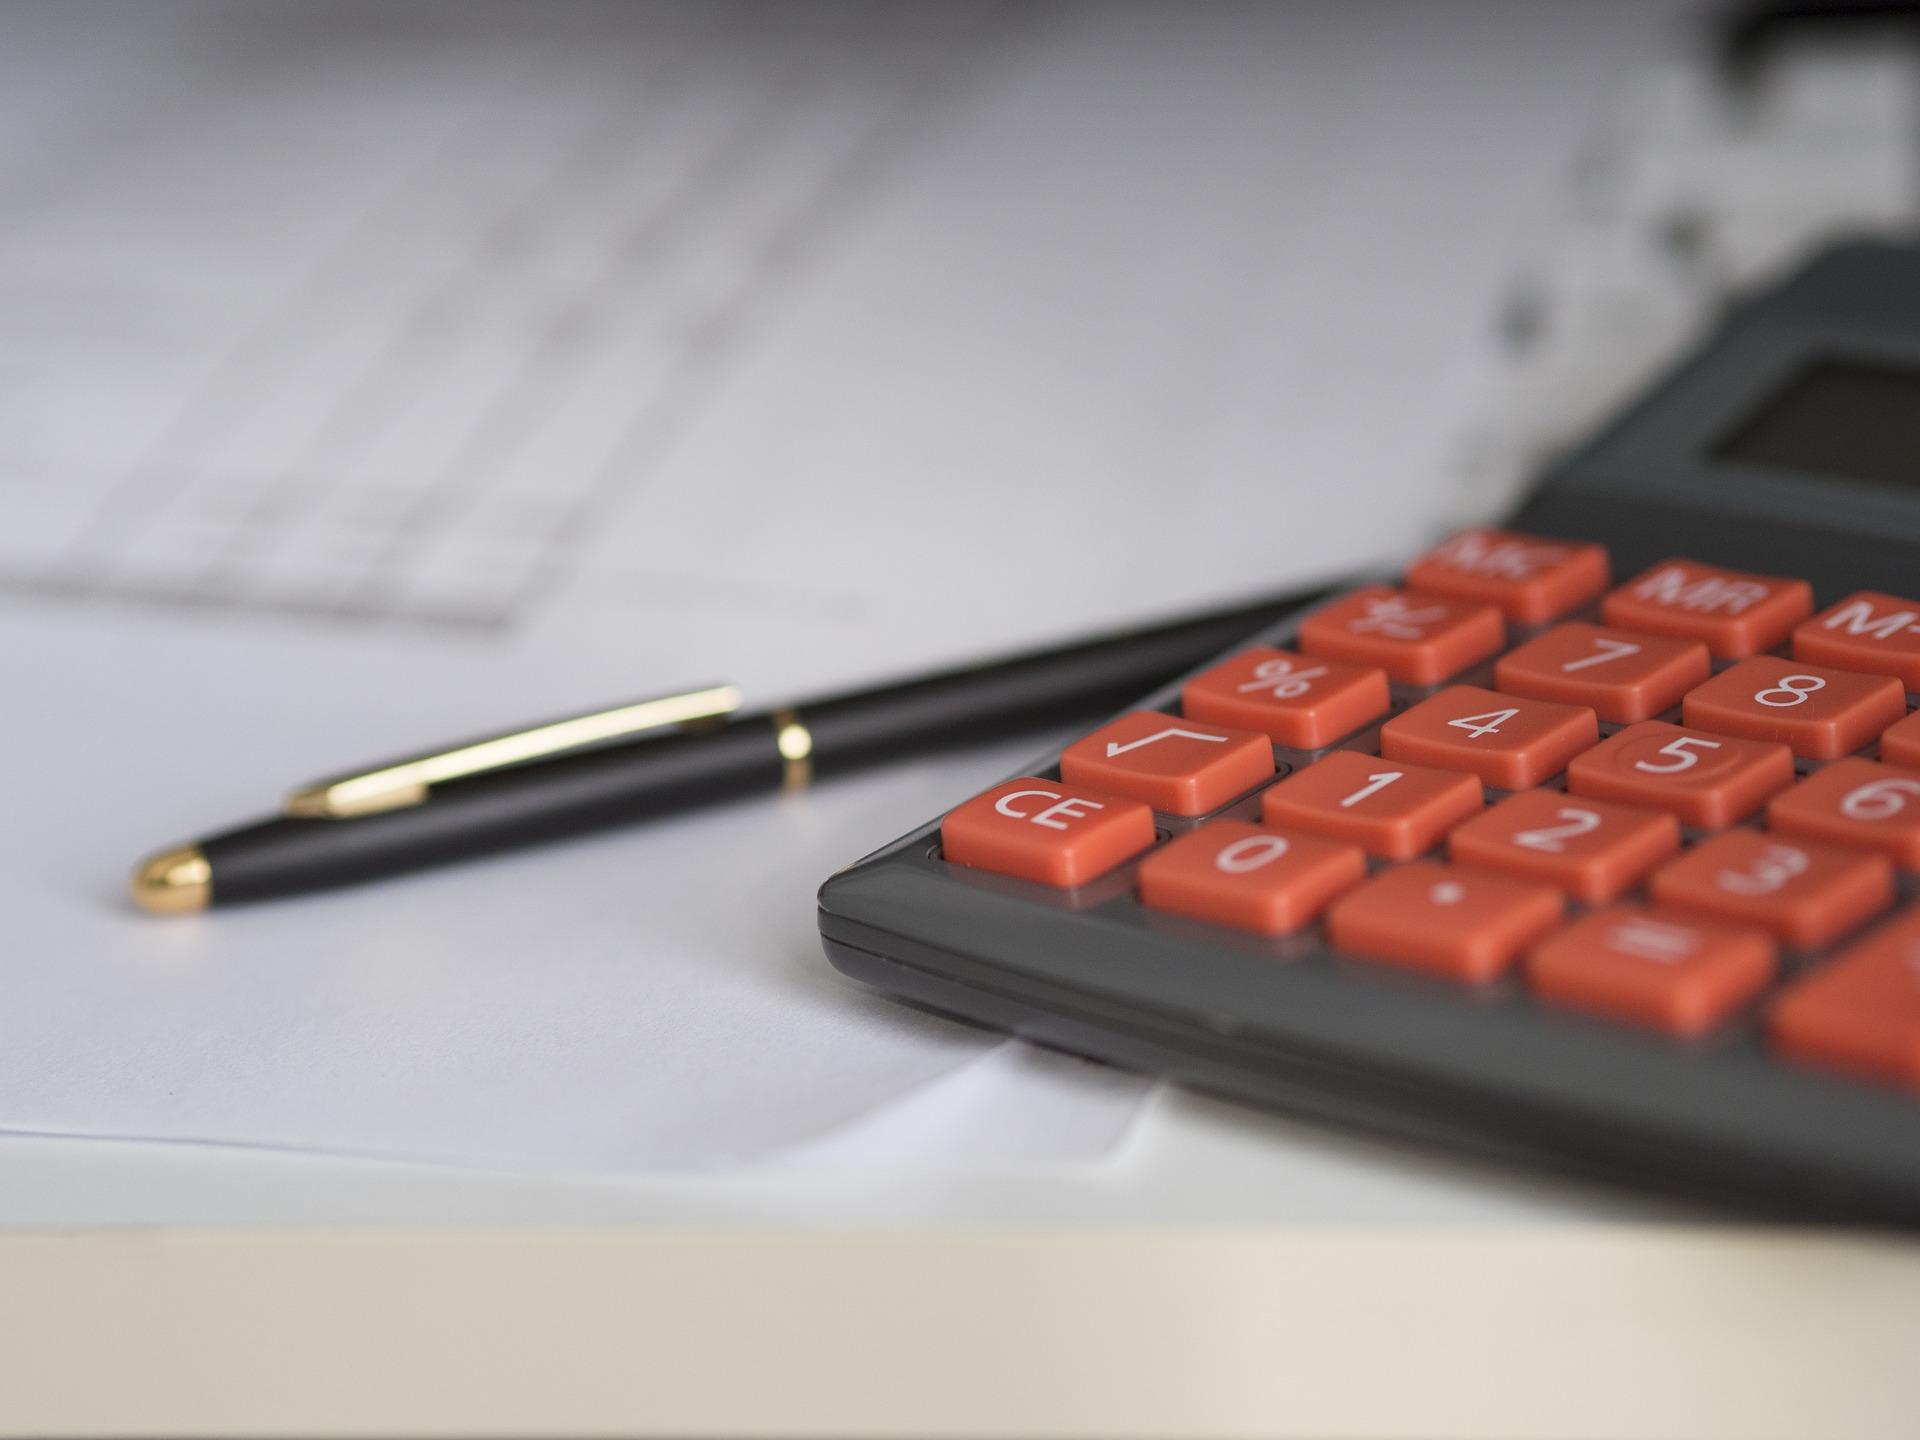 portal afc fotografija za slider naslovnica knjigovodstvo računovodstvene usluge savjeri knjigovodstvo